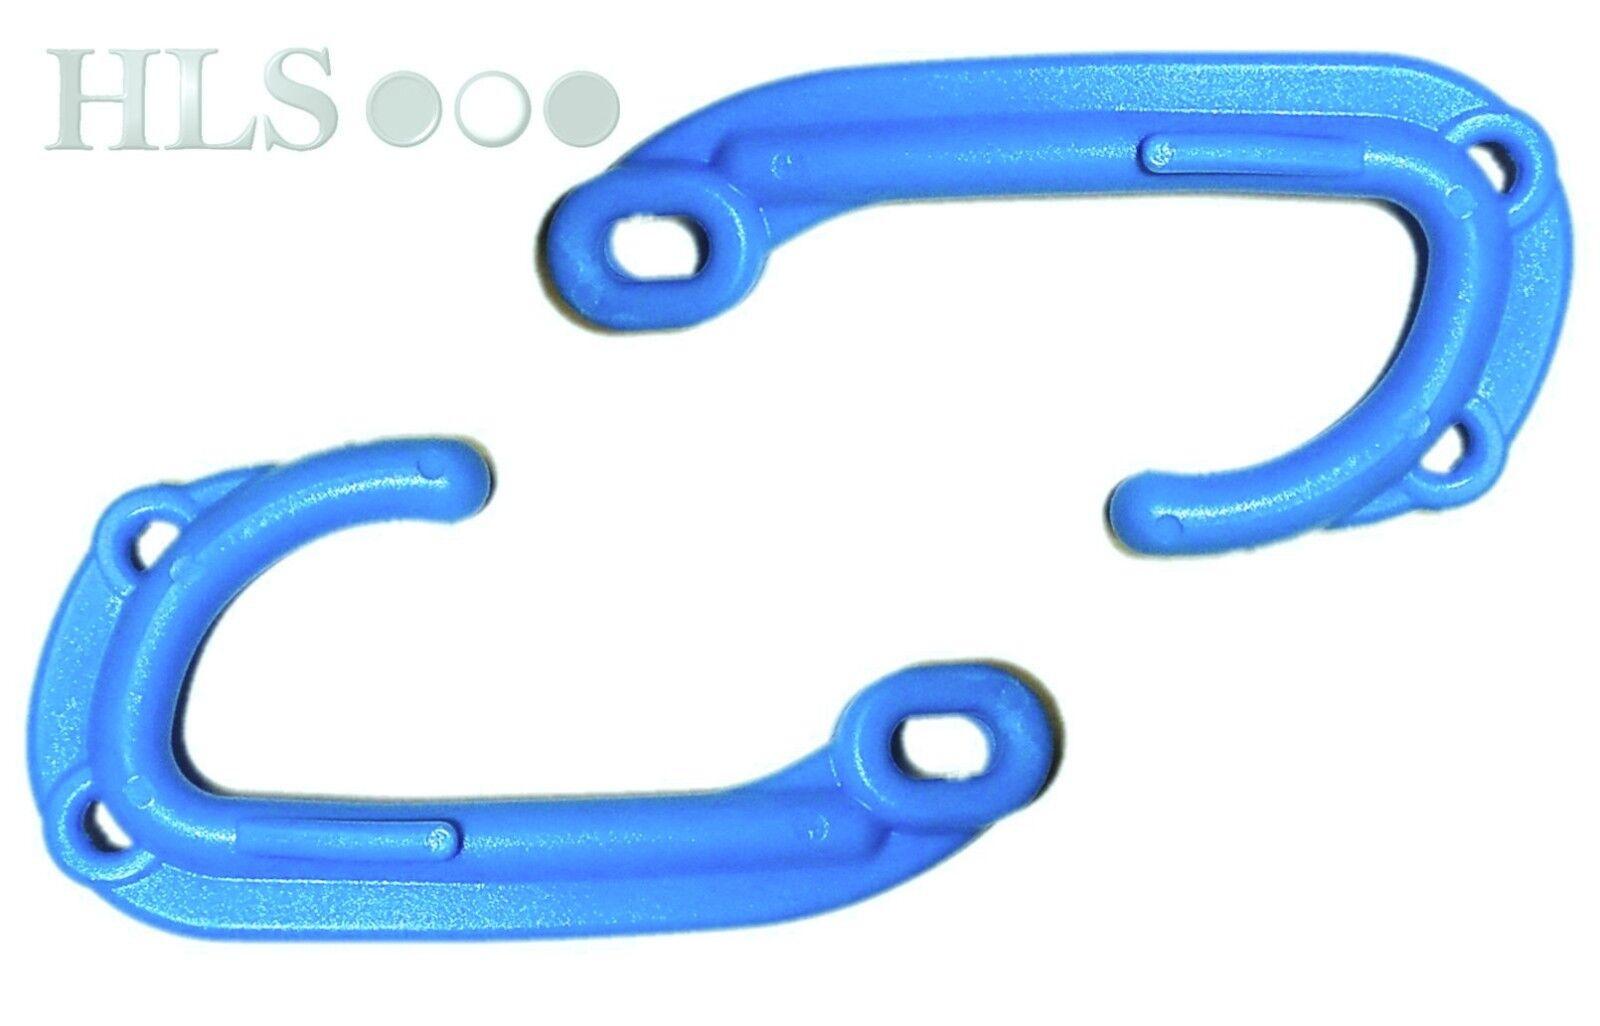 500 x plastic creel hooks, very strong easy grip lobster pot door hook [3HH]